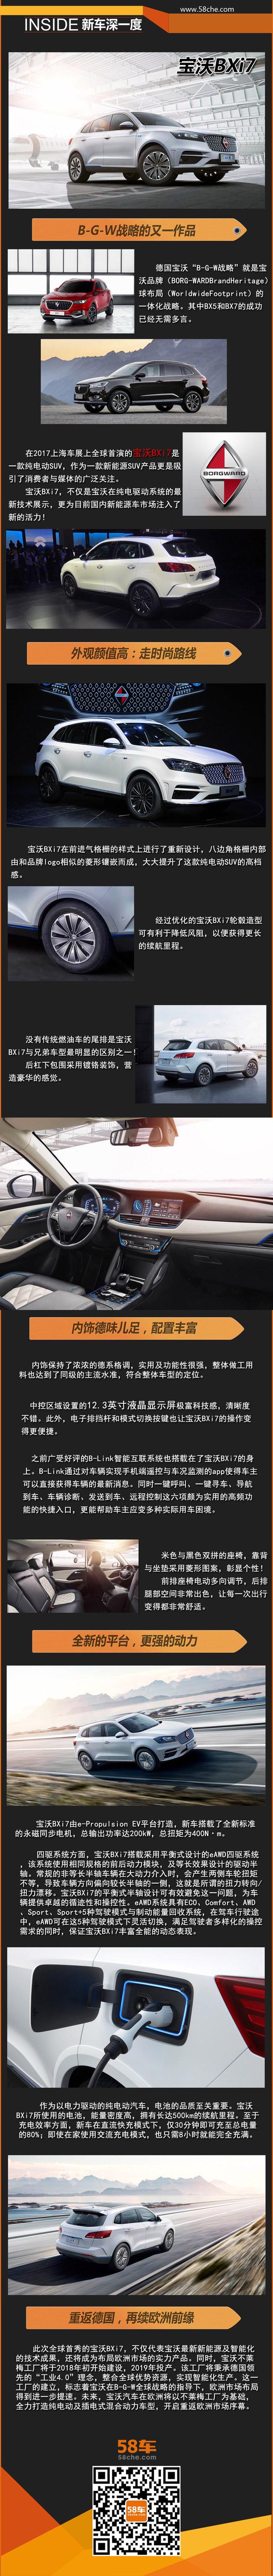 2017上海车展新车深一度 宝沃BXi7亮相